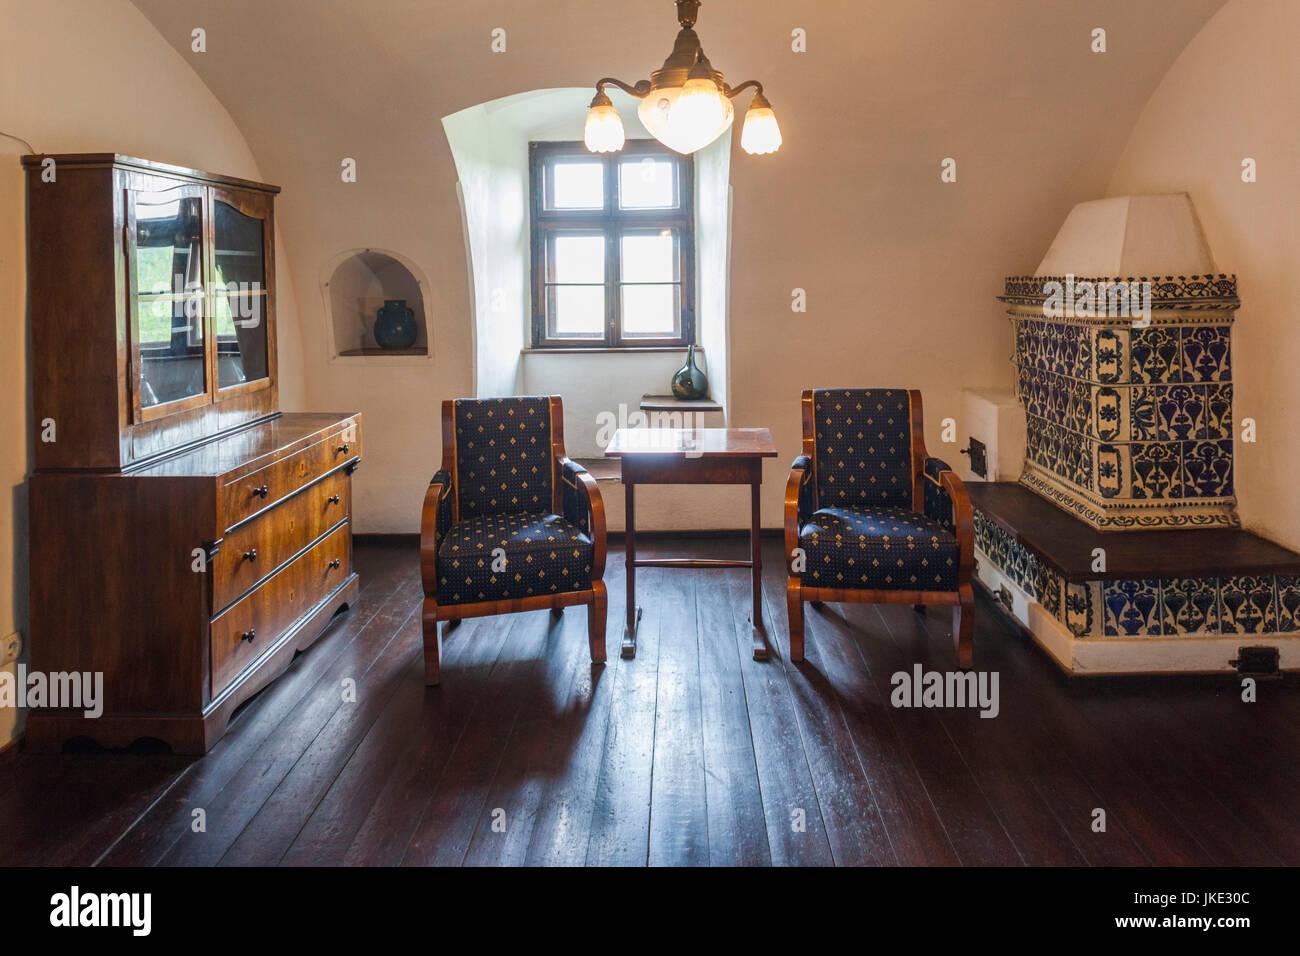 Magnificent Zeichnung Zimmer Innen Photo - Wohndesign Bilder und ...